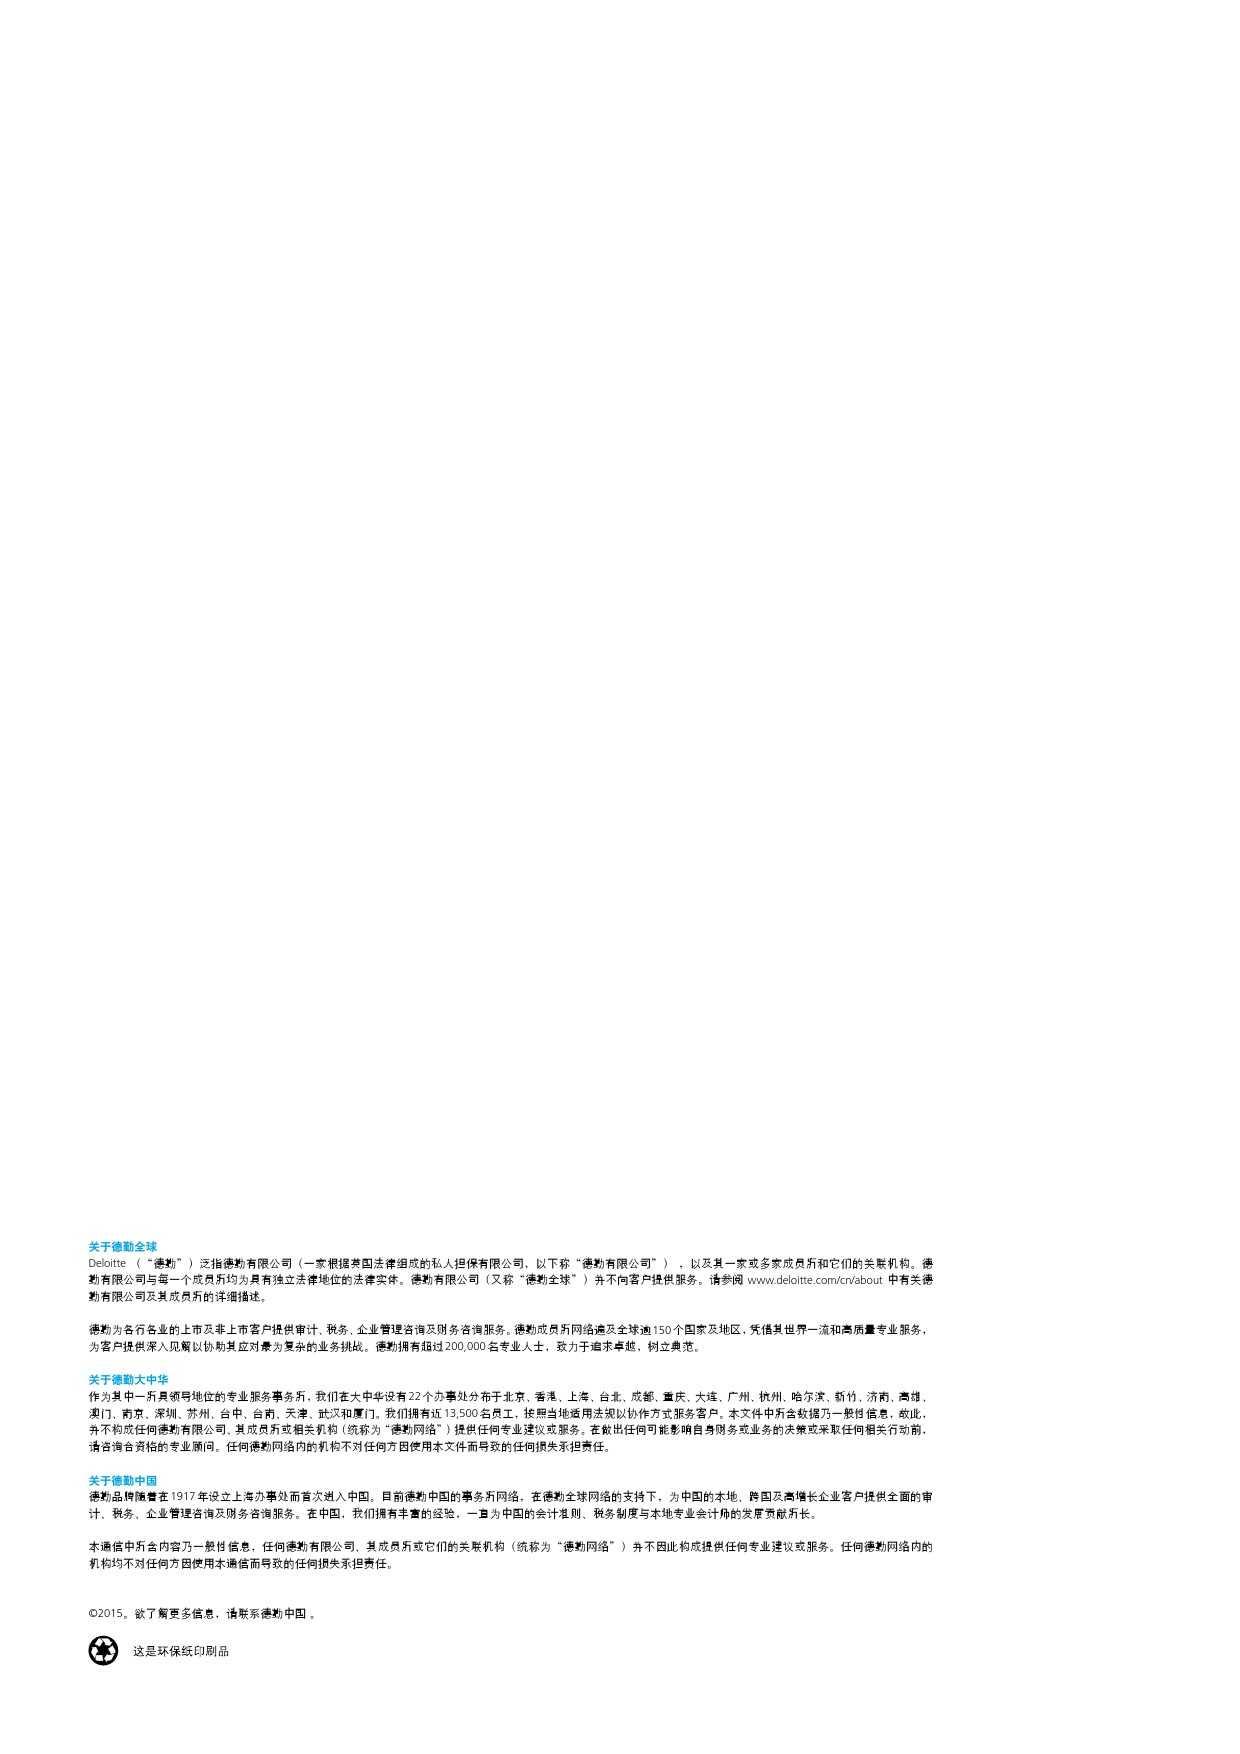 2015年中国制造业企业信息化调查_000048